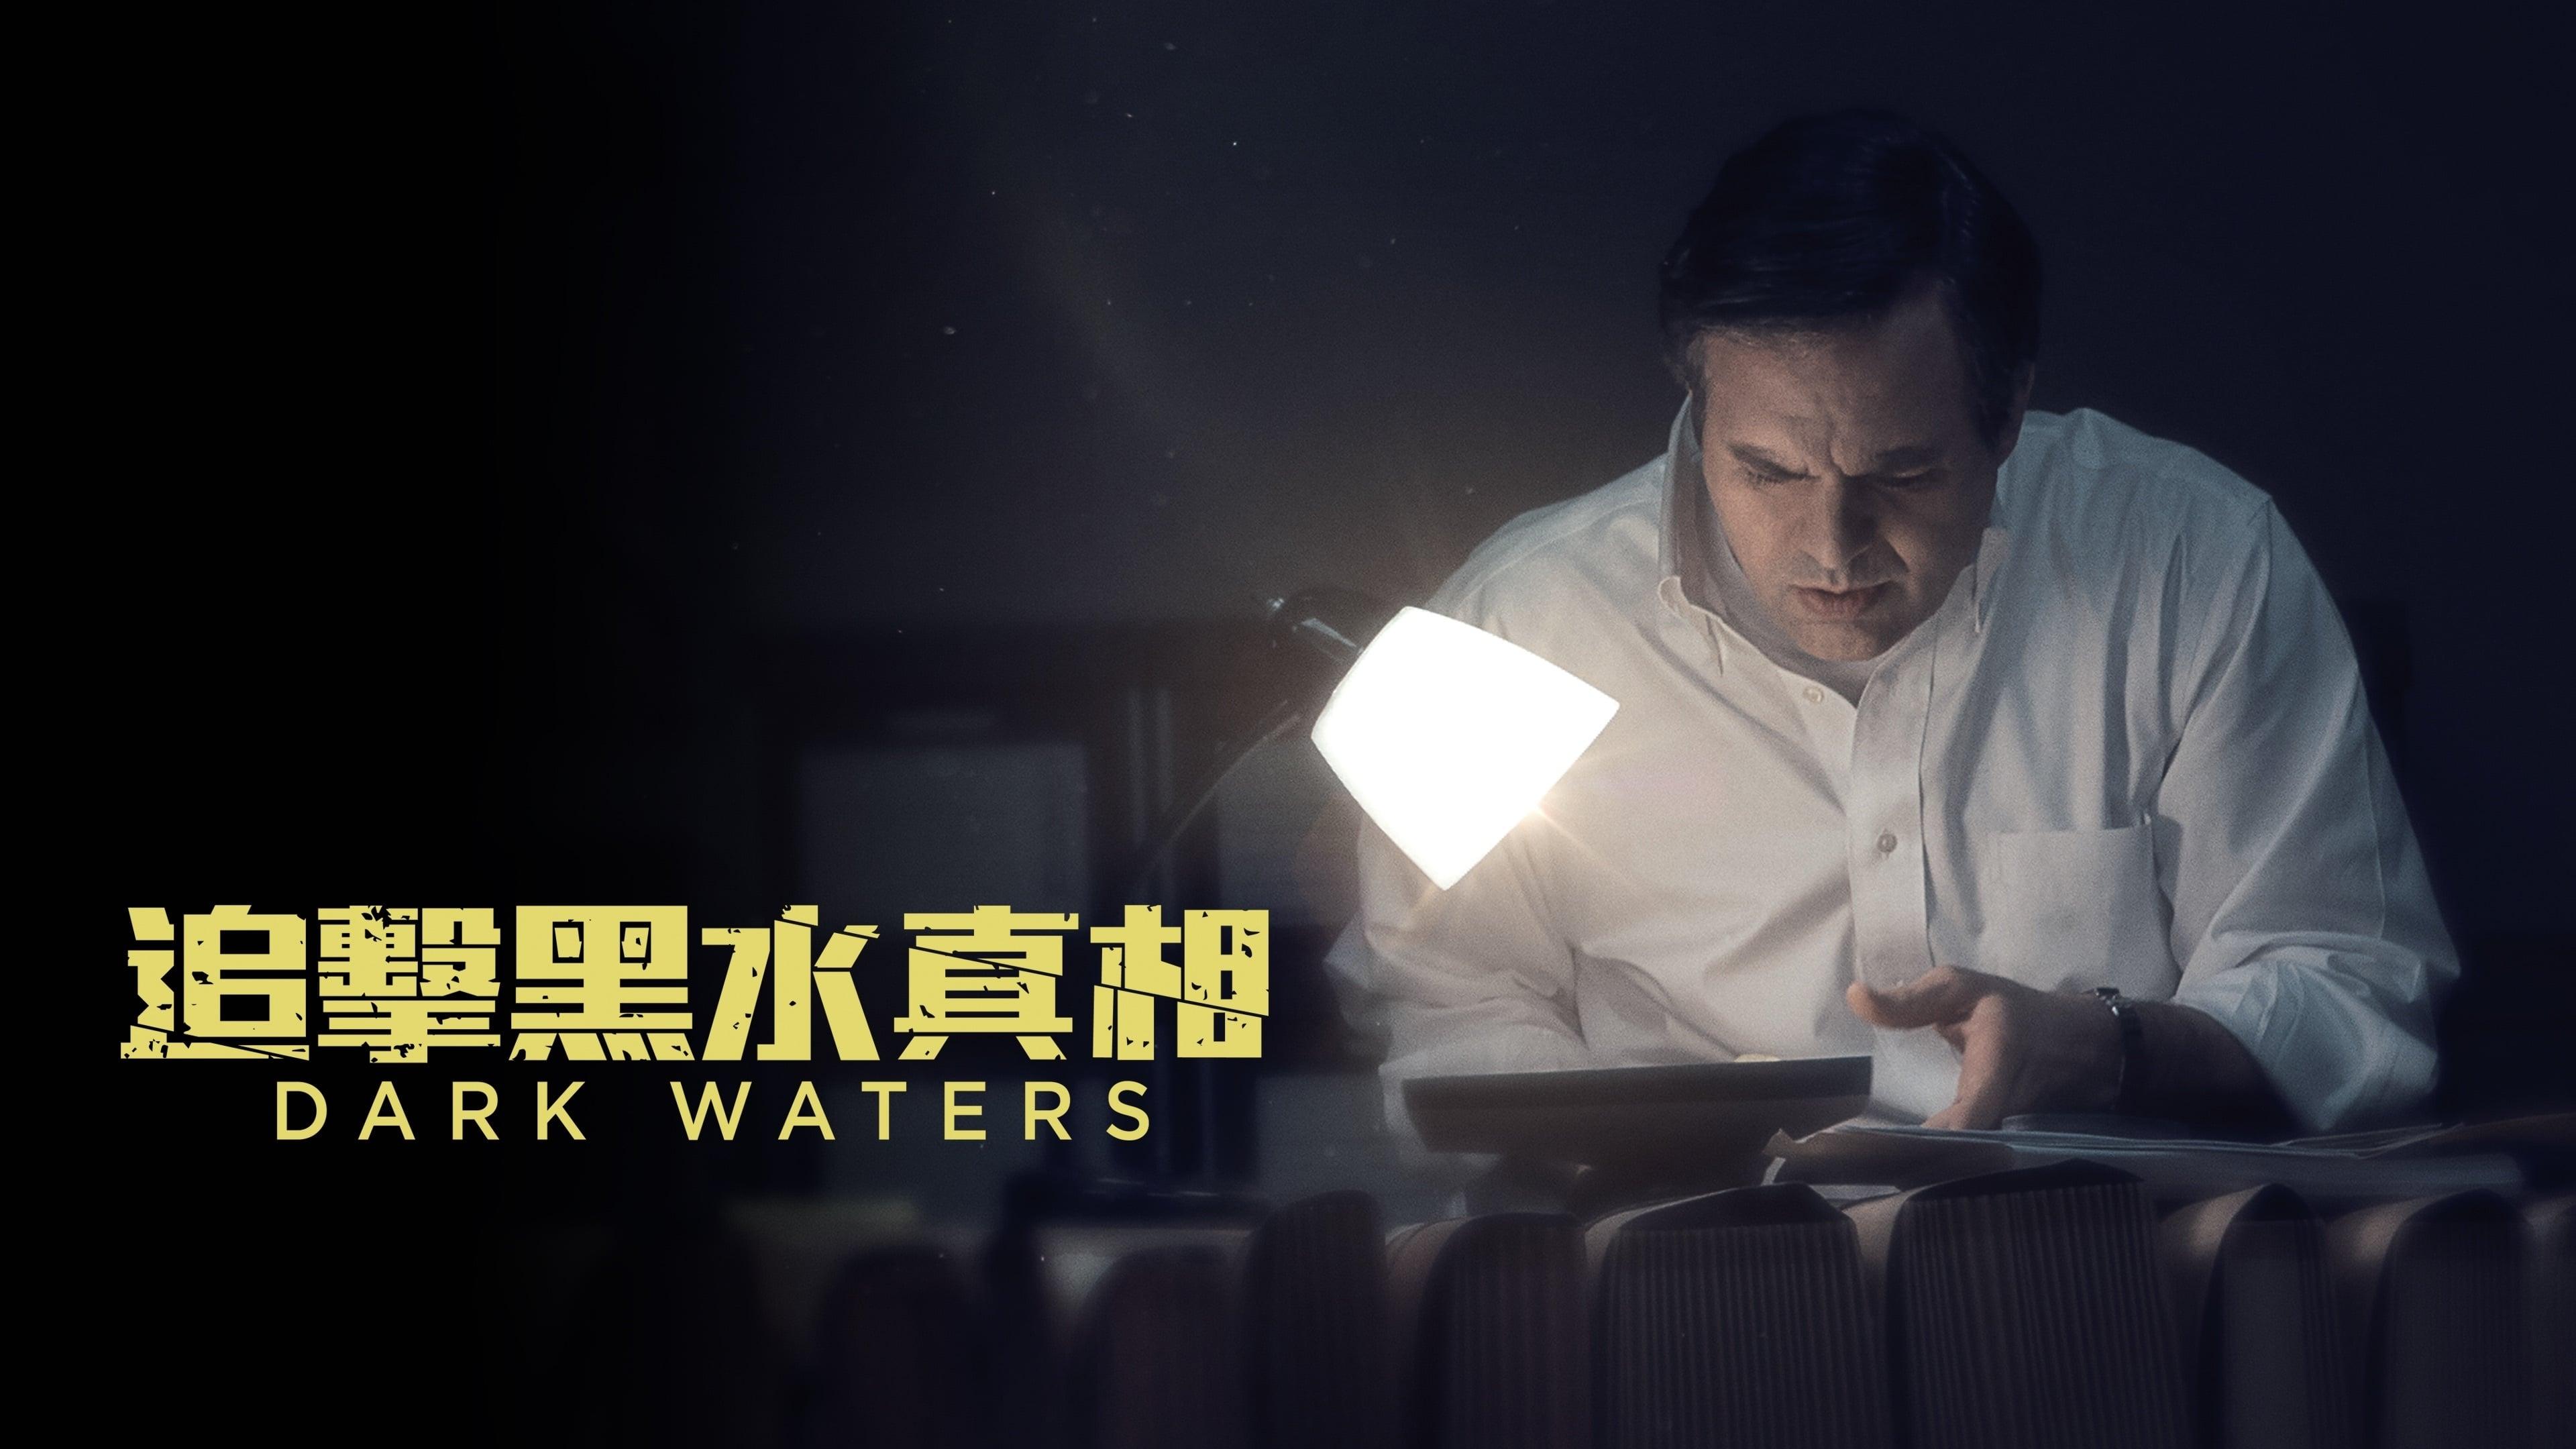 El Precio de la Verdad: Dark Waters